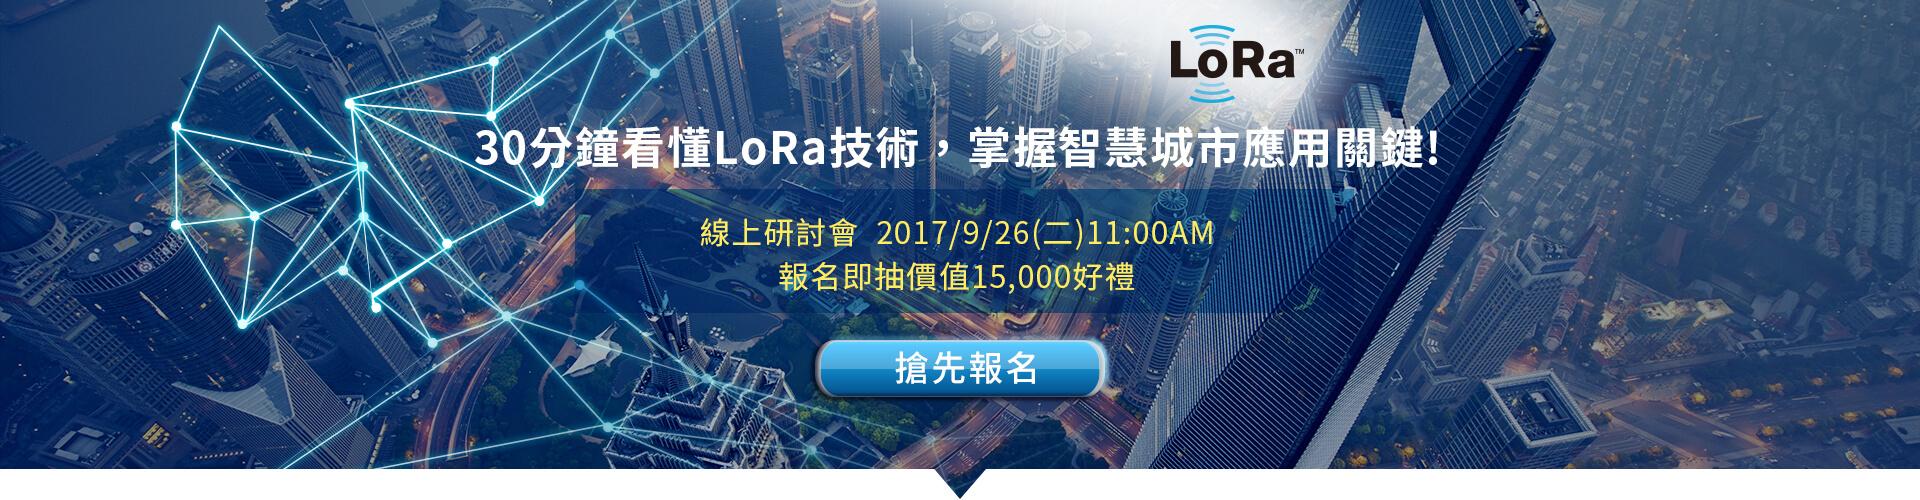 LoRa技術物聯網